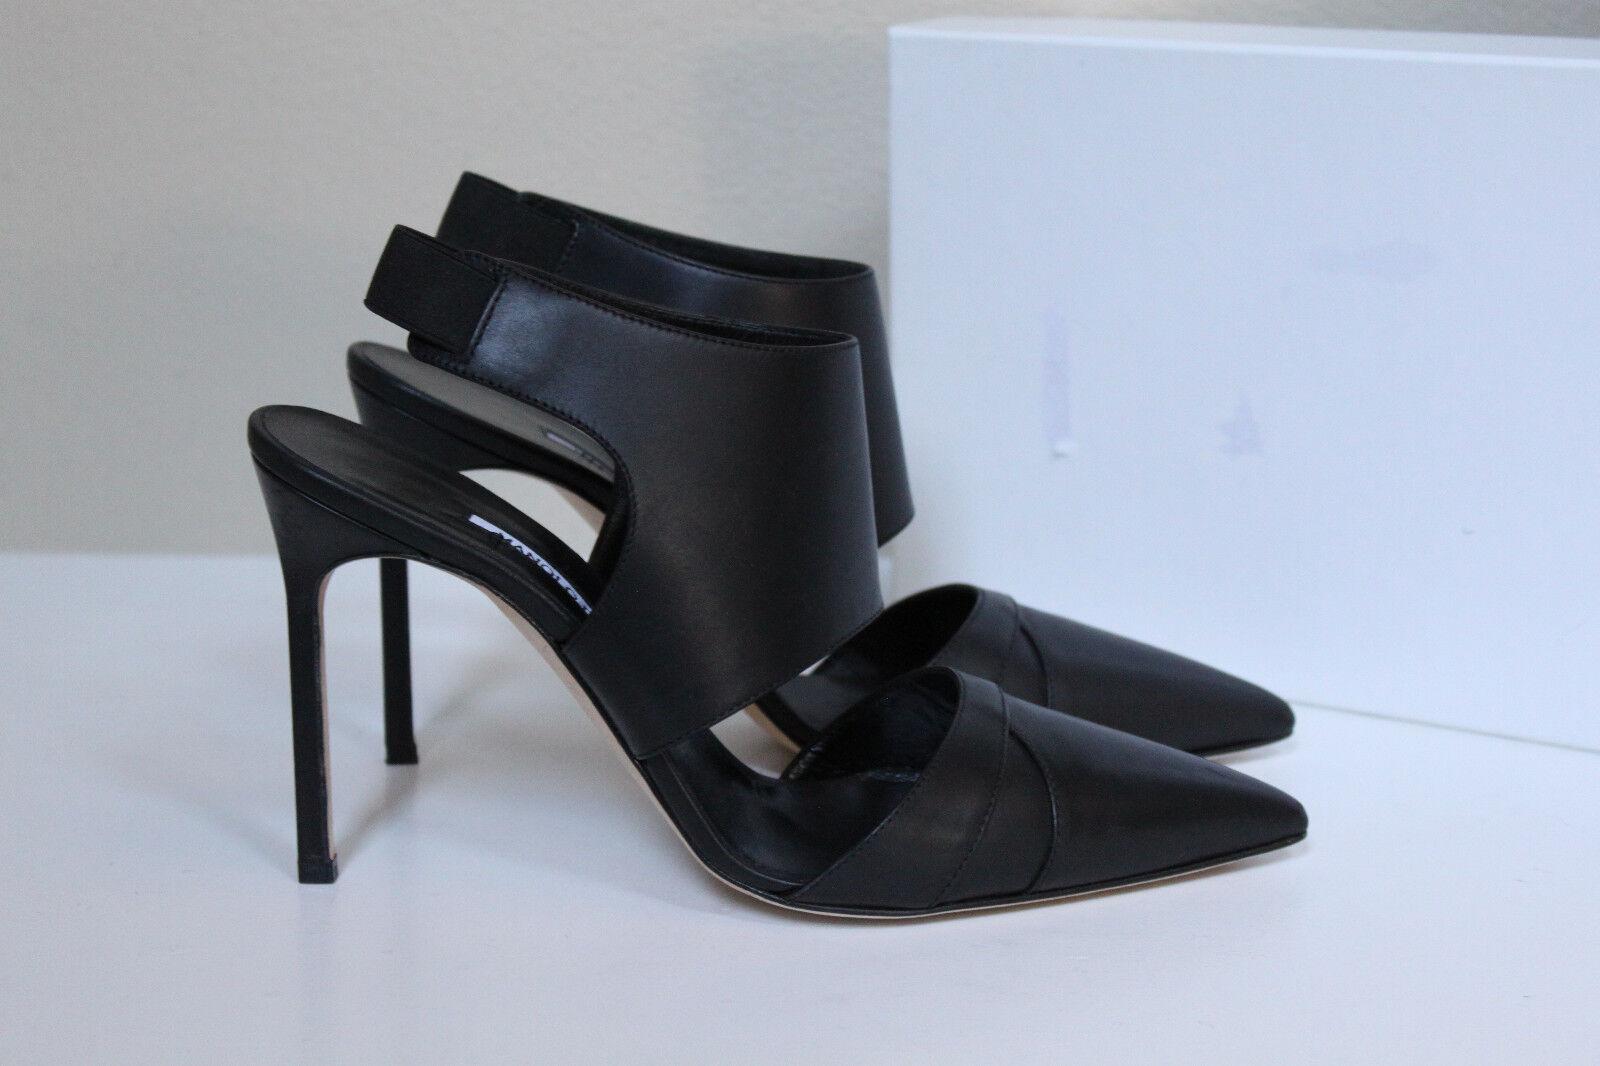 Nuevas Talla Talla Talla 10.5 40.5 Manolo Blahnik de cuero negro zapatos de bomba de envoltura de tobillo loyalclo  apresurado a ver